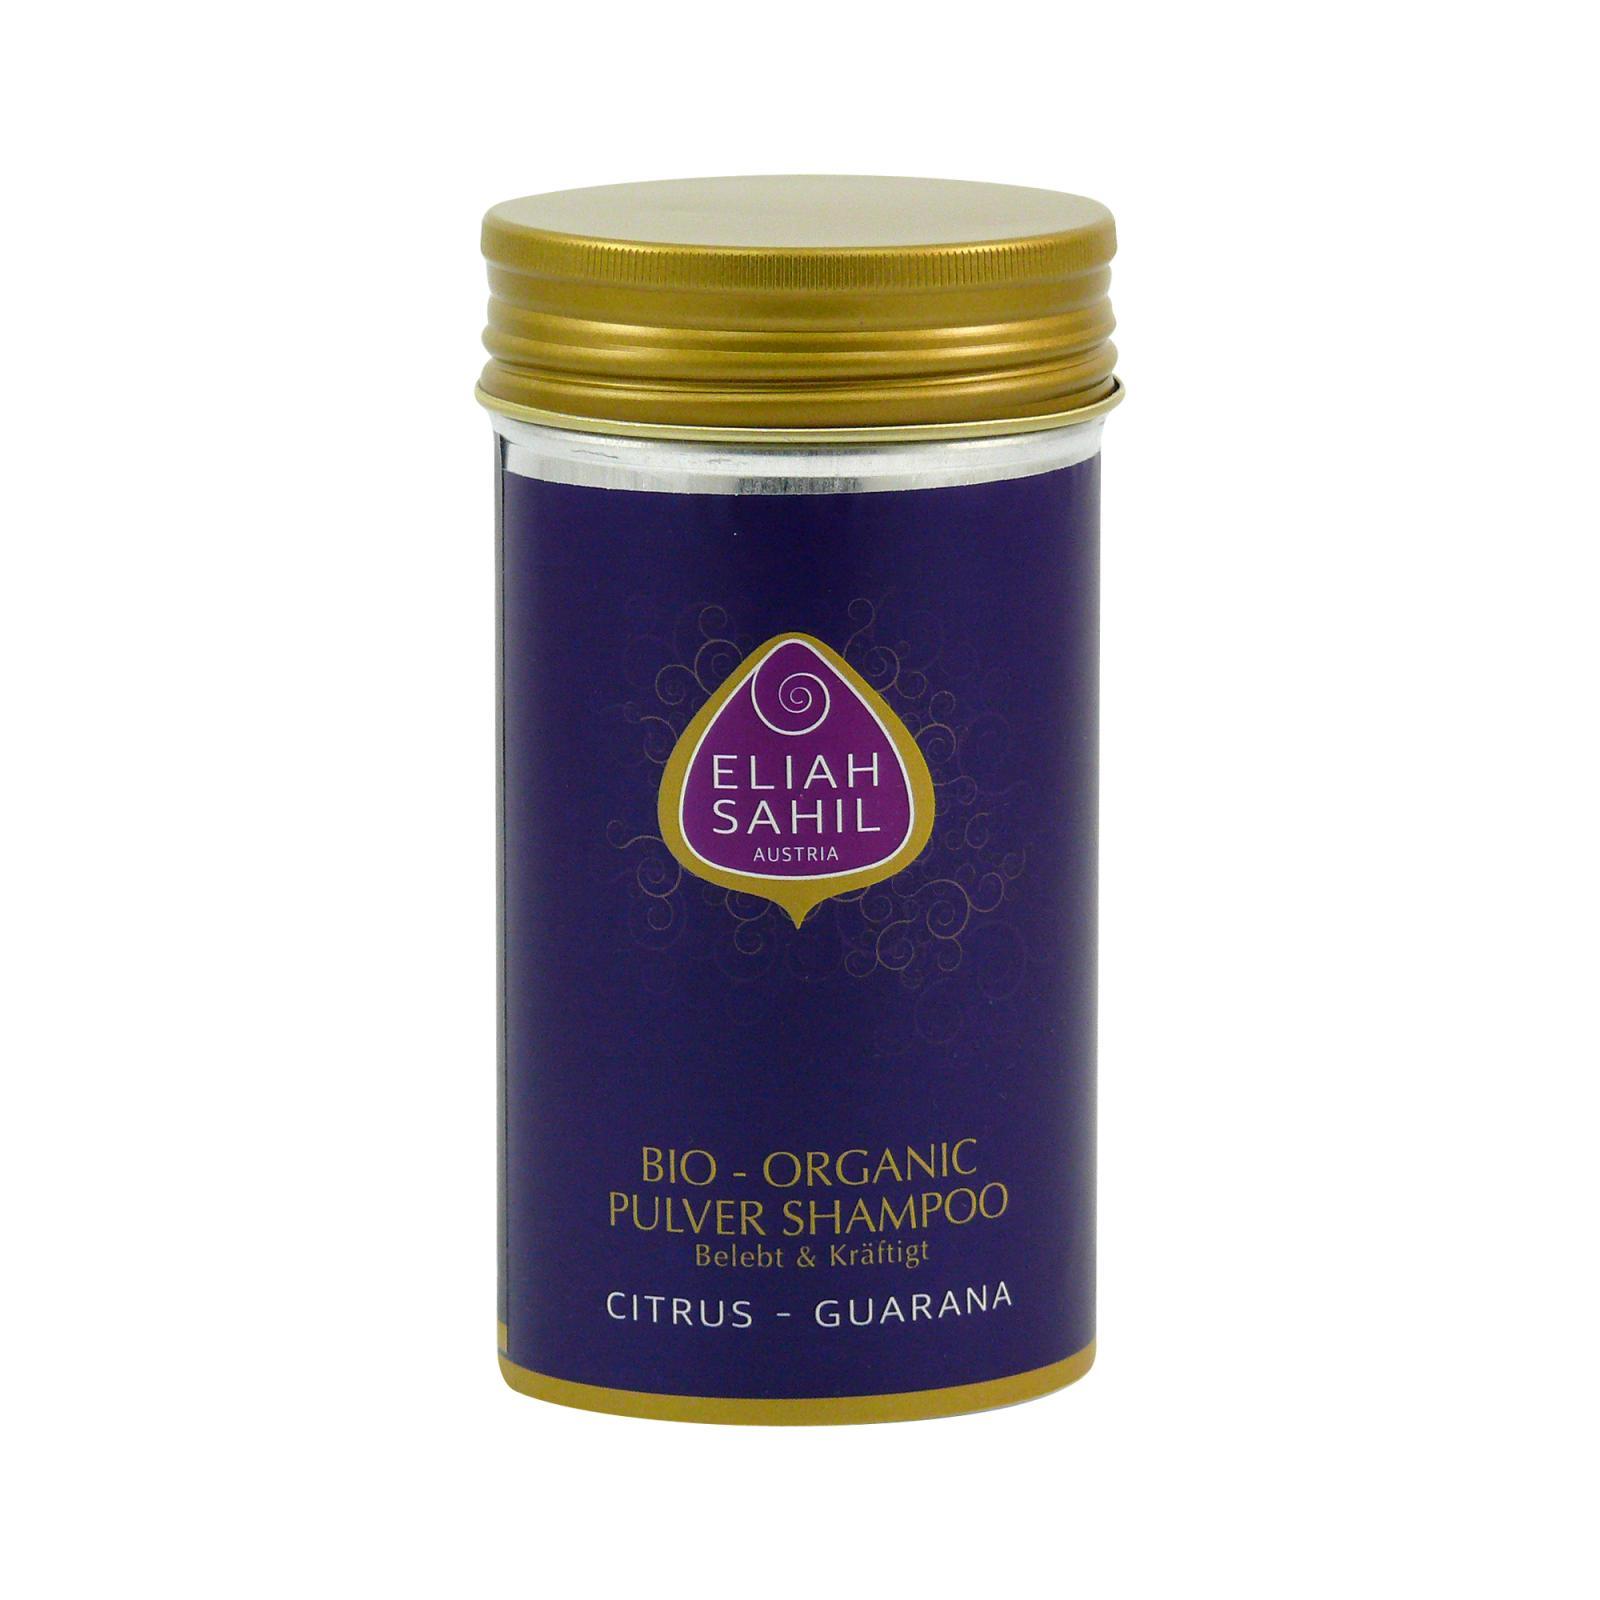 Eliah Sahil Ájurvédský práškový šampon proti vypadávání vlasů 100 g + DOPRAVA ZDARMA po celý rok!